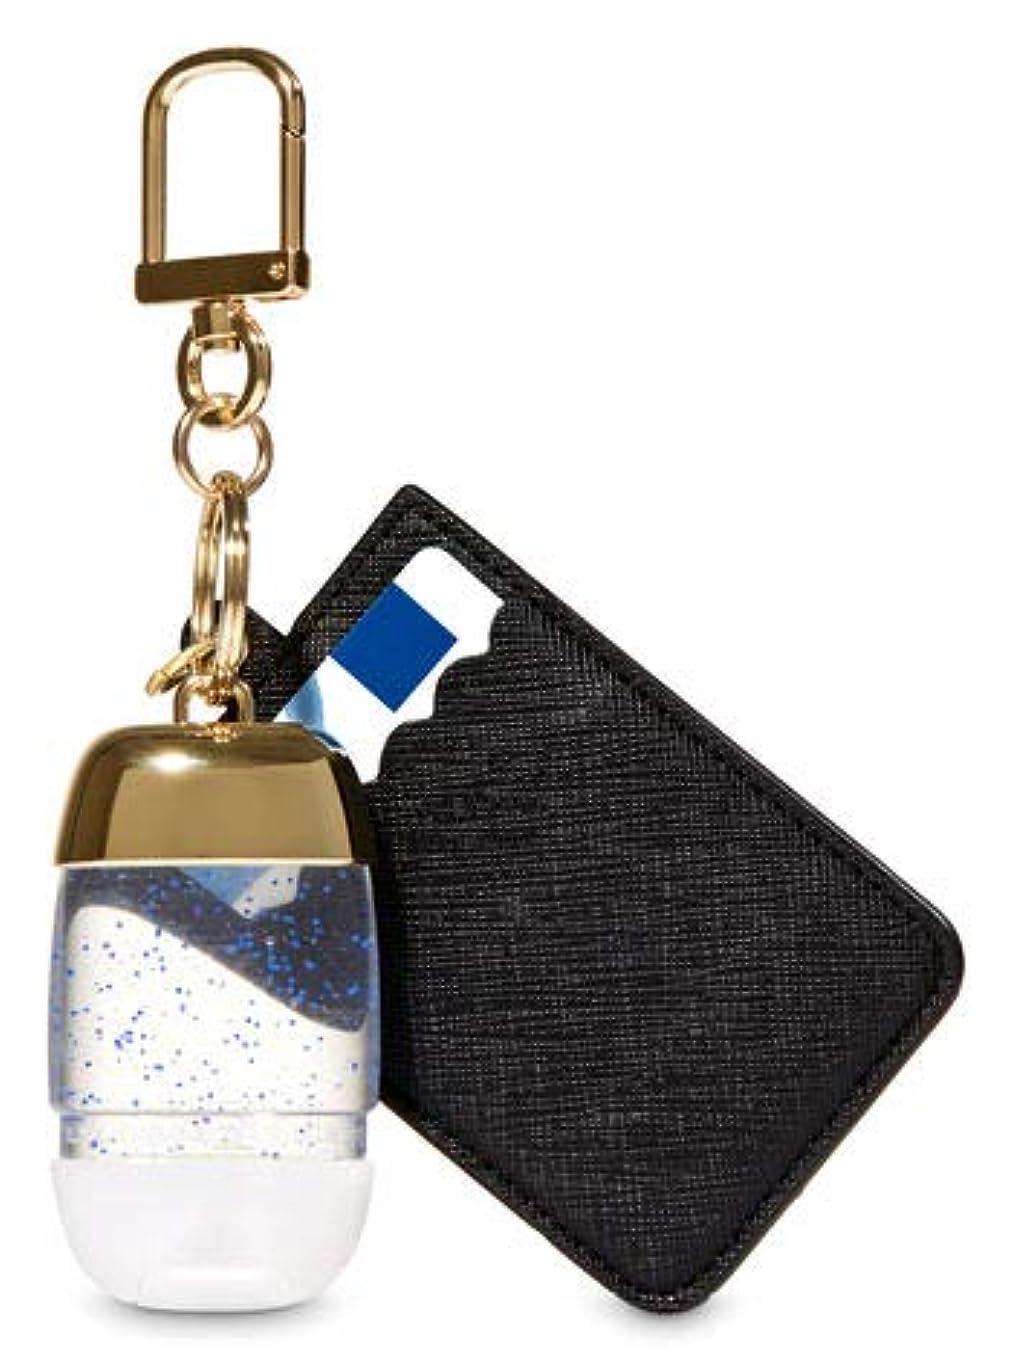 比較的バスタブアクセサリー【Bath&Body Works/バス&ボディワークス】 抗菌ハンドジェルホルダー カードケース ブラック&ゴールド Credit Card & PocketBac Holder Black & Gold [並行輸入品]